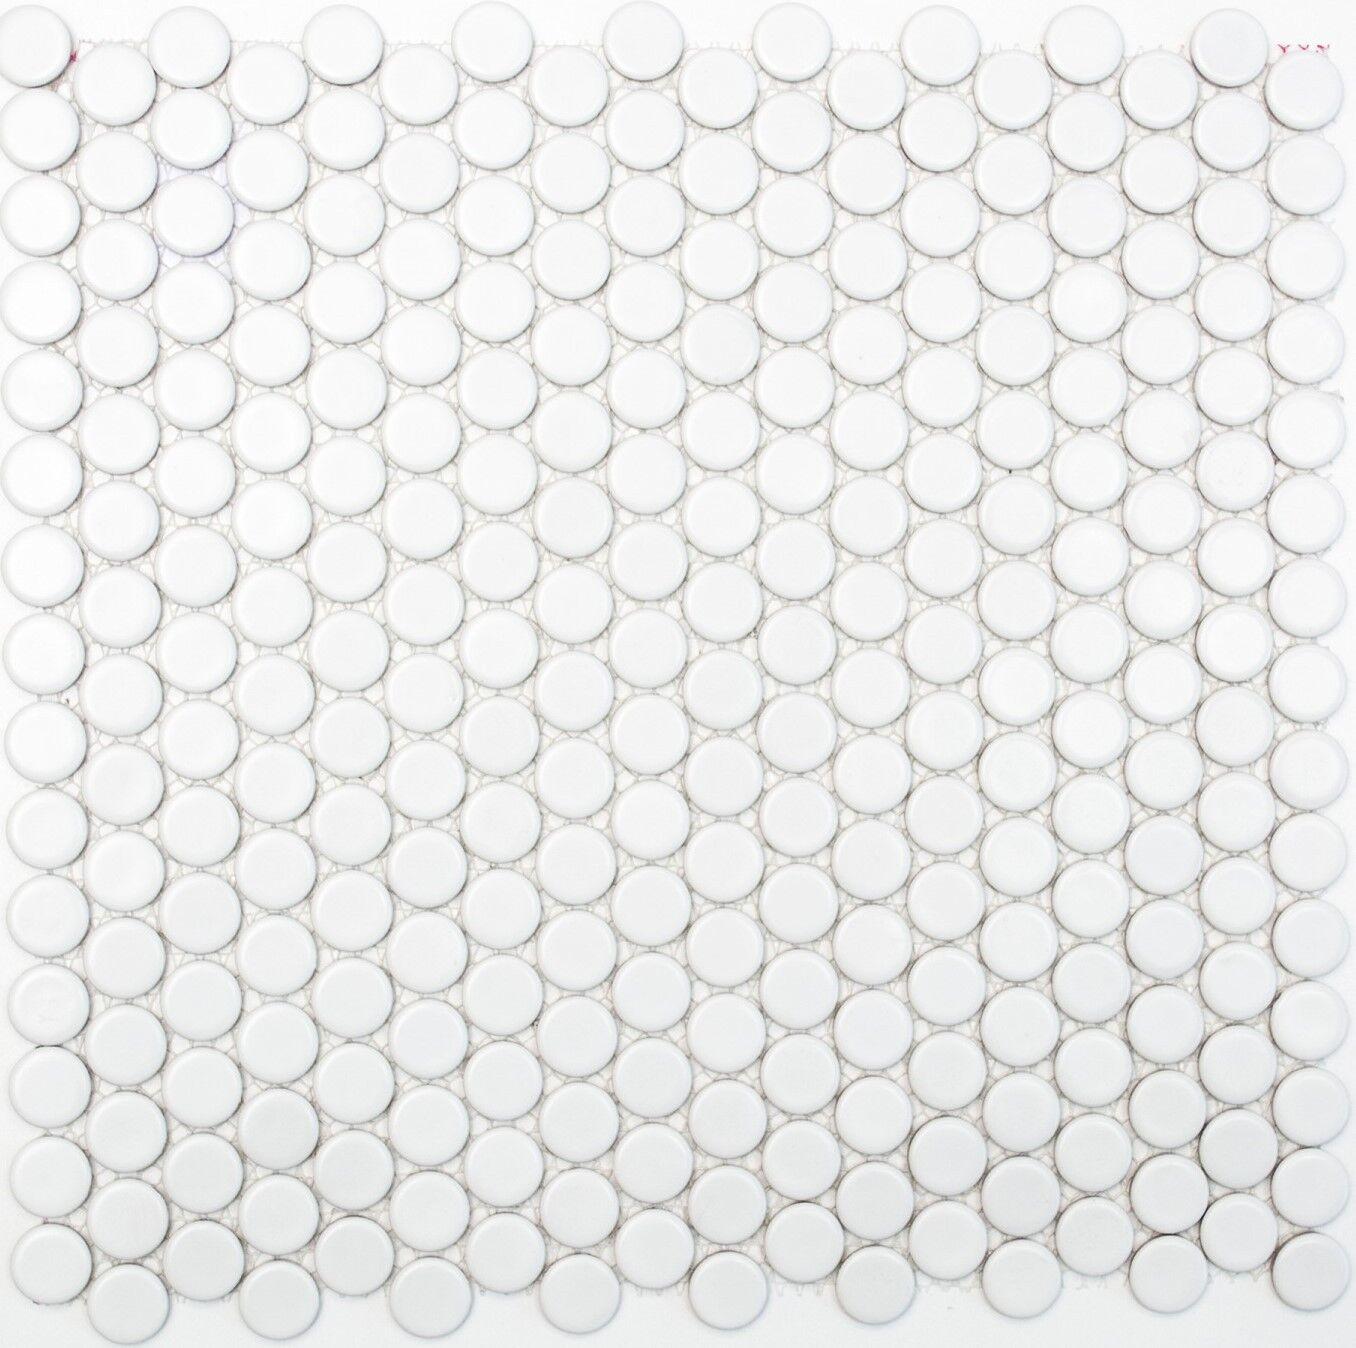 Mosaik Fliese Keramik Knopf weiß matt Schwimmbad Pool   10-0111_f   10 Matten